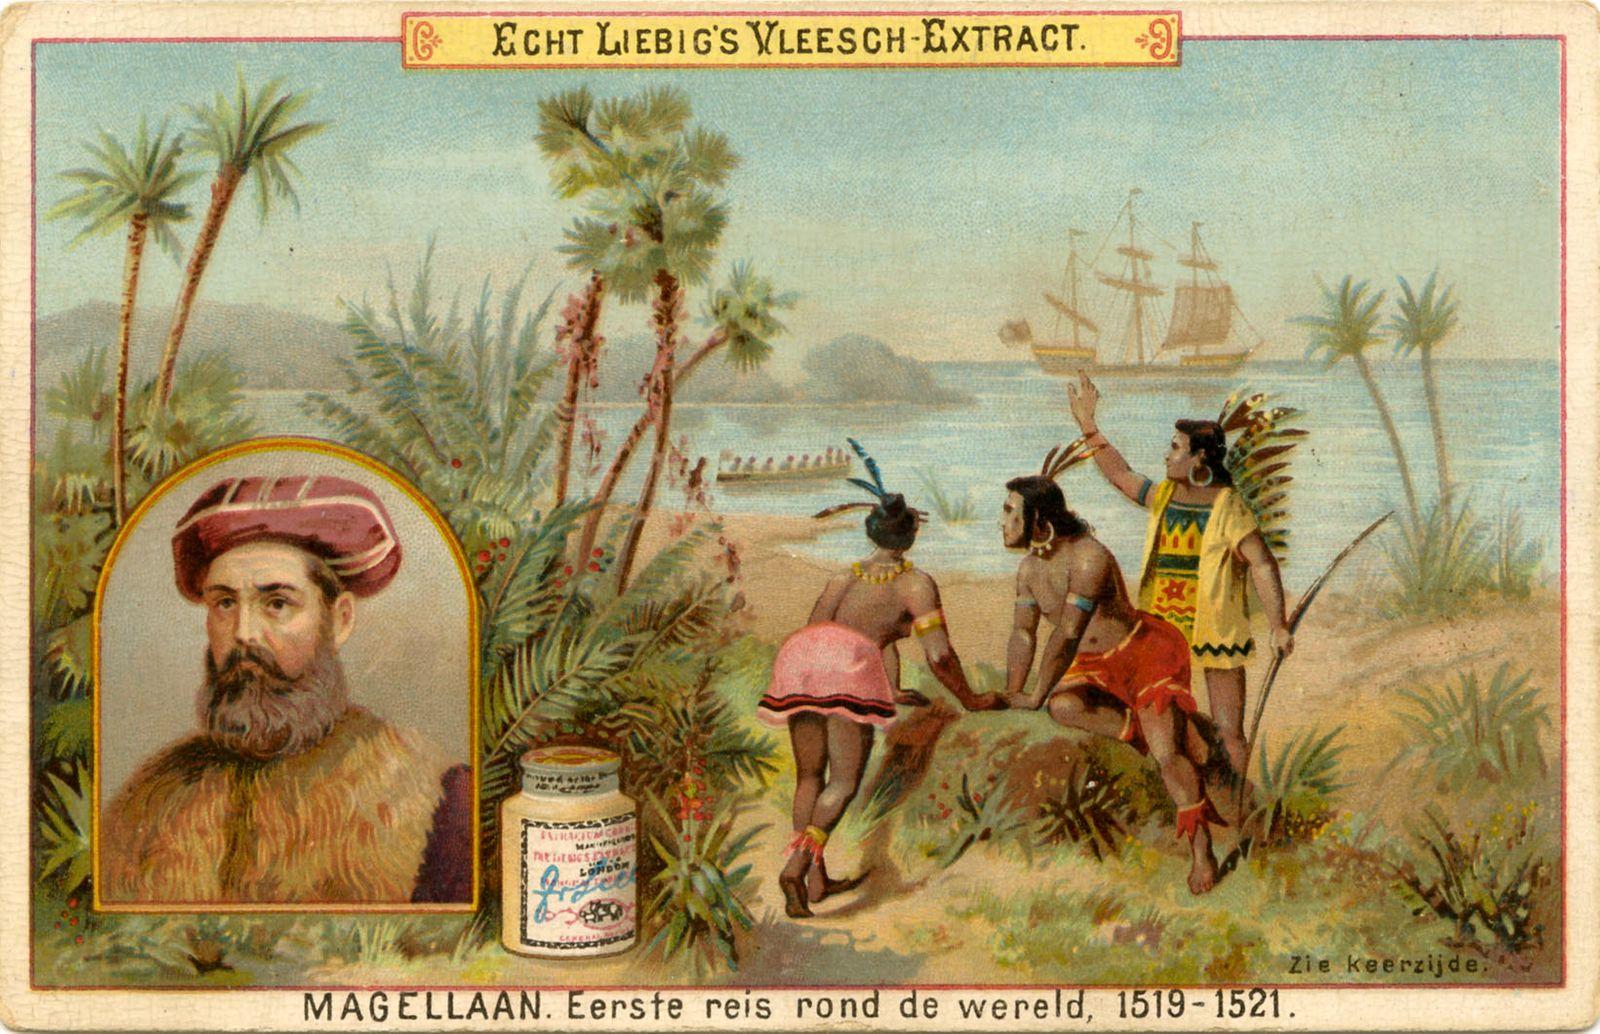 Magellan 's first voyage around the world